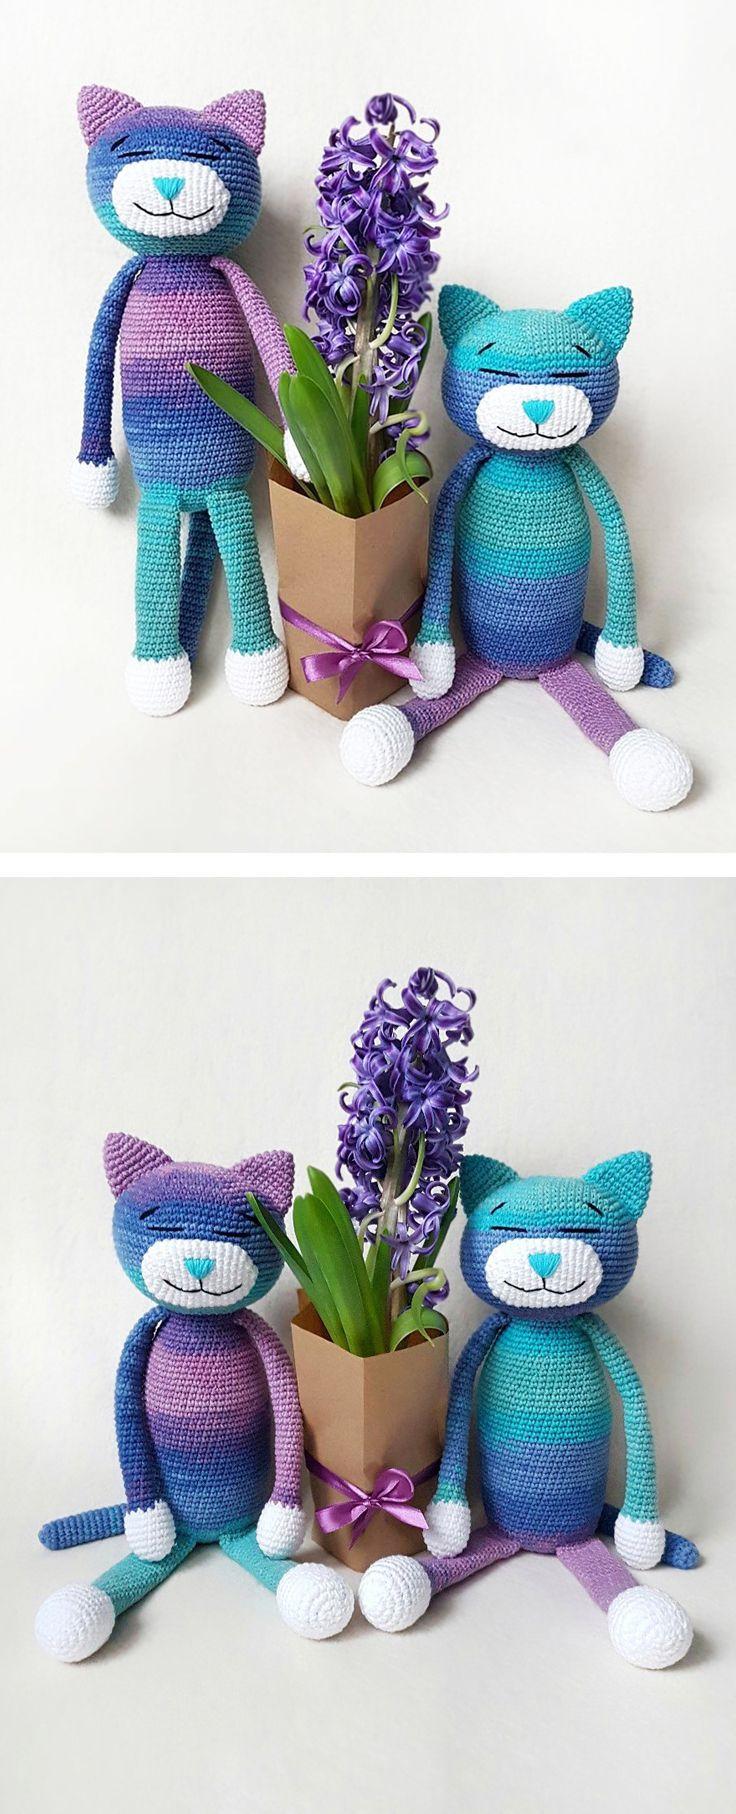 Large Ami Cat crochet pattern | Amigurumi häkeln, Amigurumi und ...